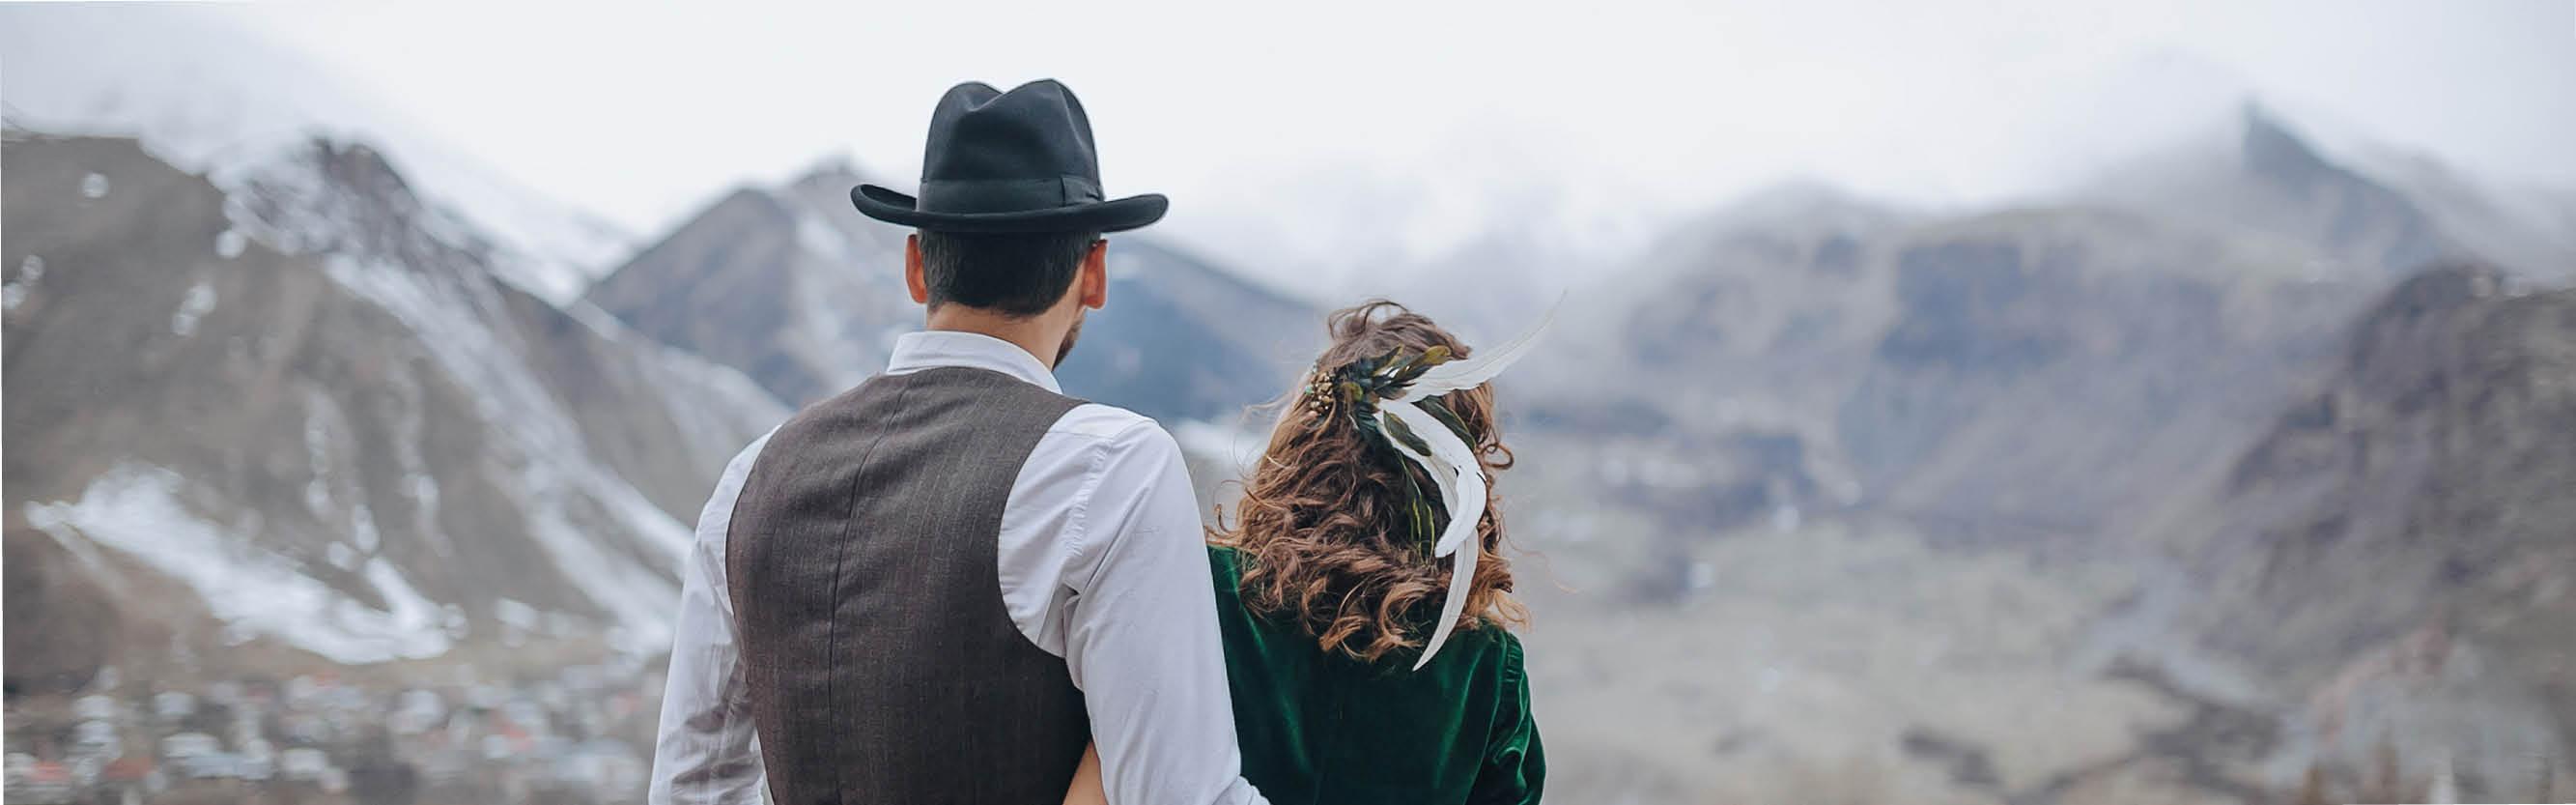 kartlerei corona hochzeit absagen verschieben winter - Corona & Hochzeit